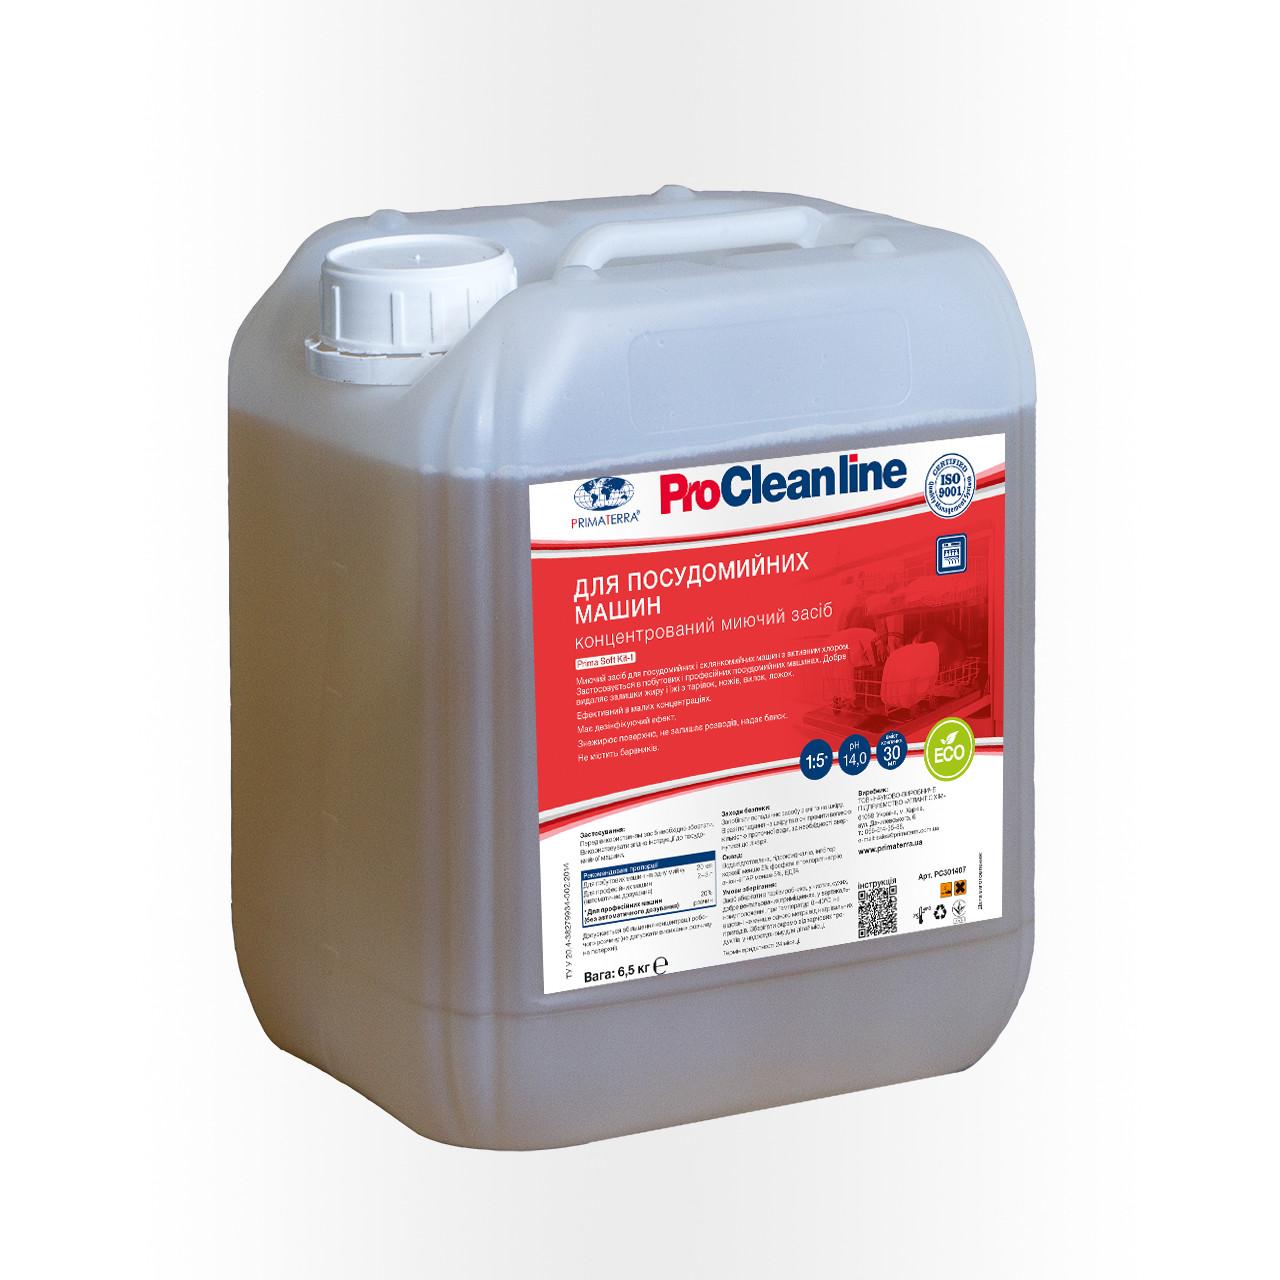 Для посудомоечной машины с активным хлором PRIMA SOFT Kit-1, концентрат (6,5кг)